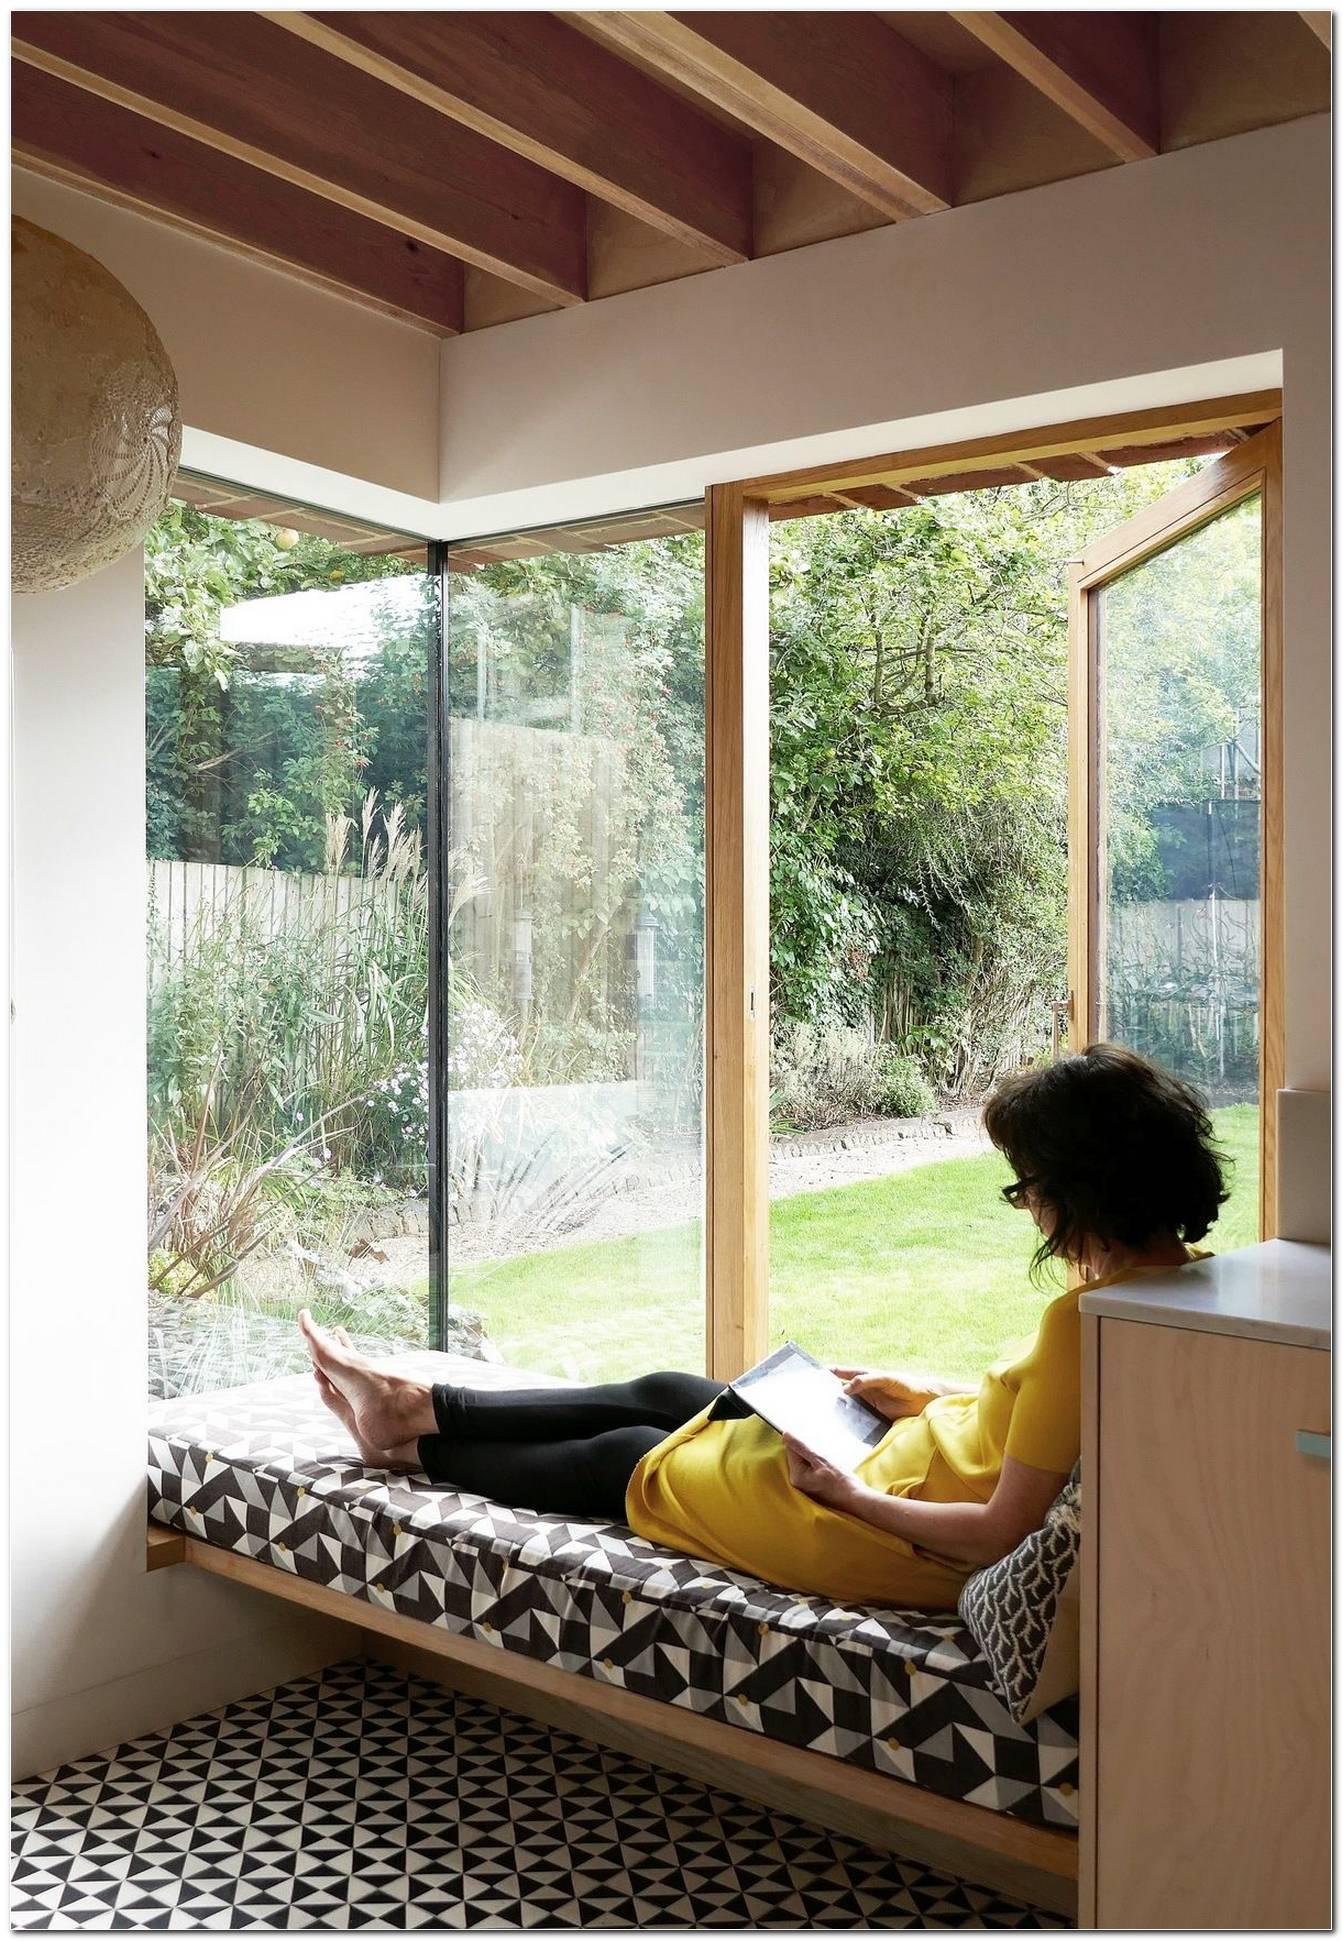 Janela Bay Window O Que %C3%89 Quais S%C3%A3o As Suas Vantagens Quanto Custa E Muitas Fotos Incr%C3%ADveis